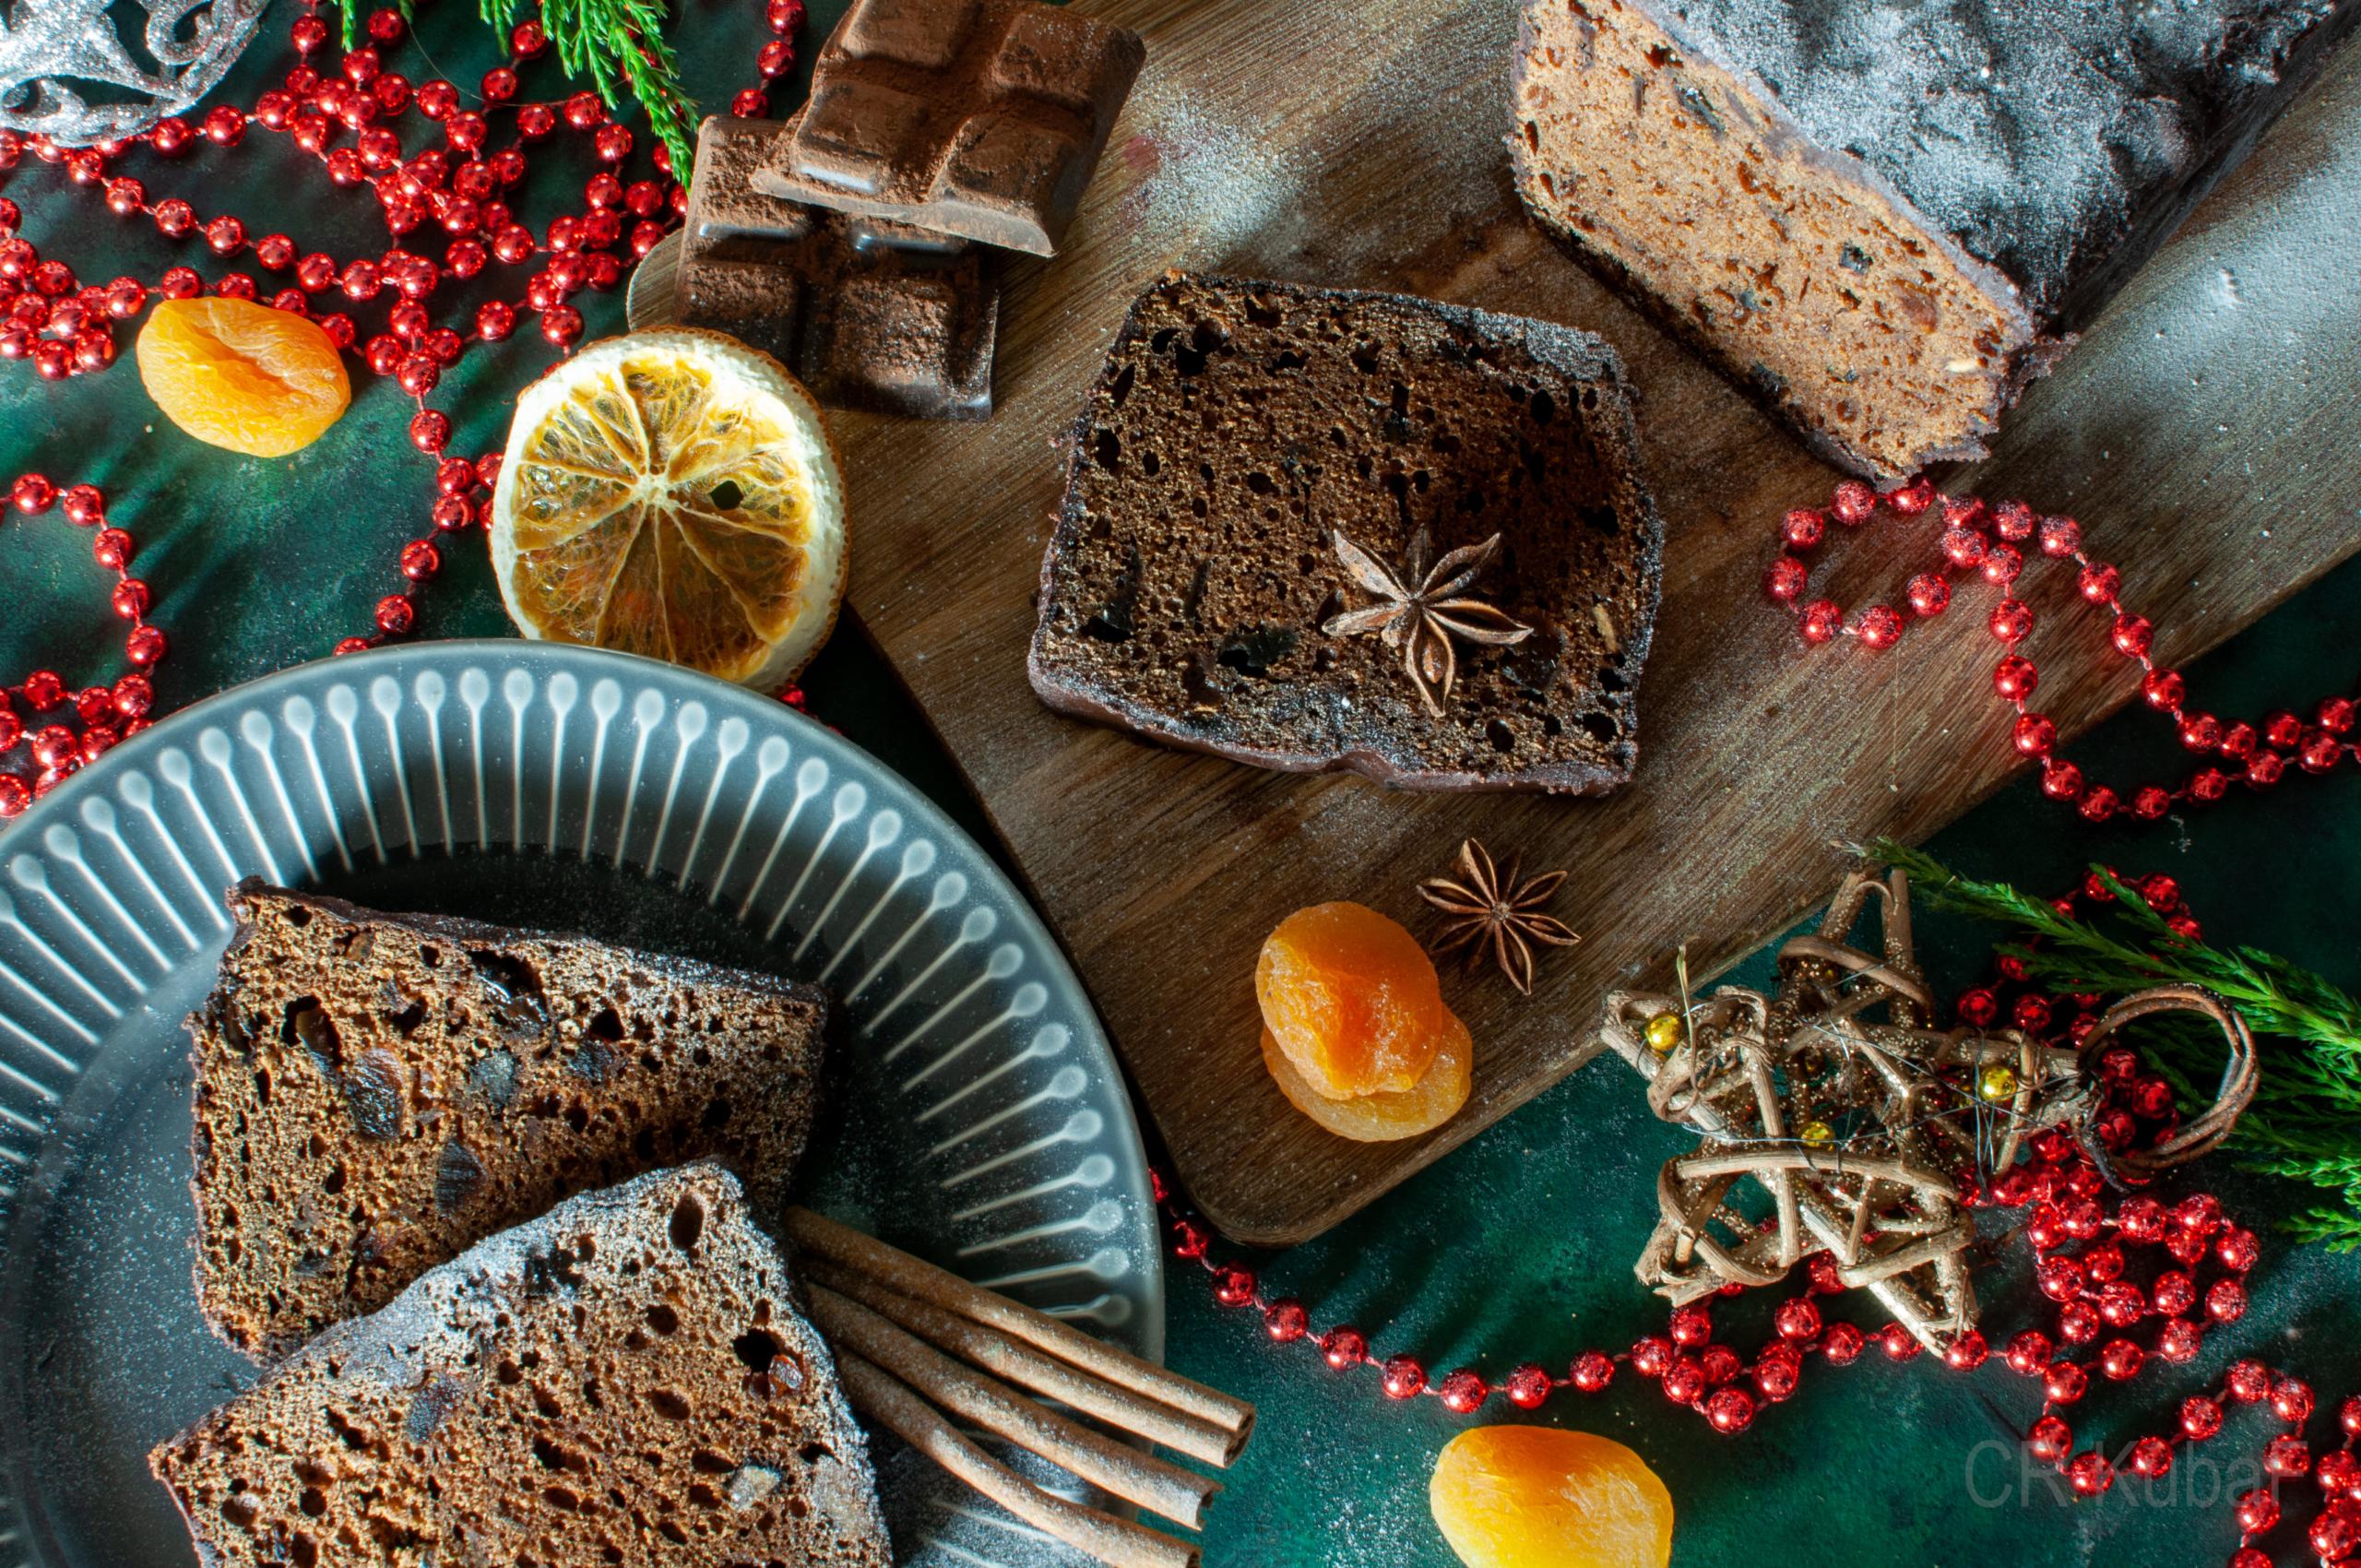 Widok na stół przystrojony bożonarodzeniowo prezentujący pokrojony piernik na niebieskim talerzu.